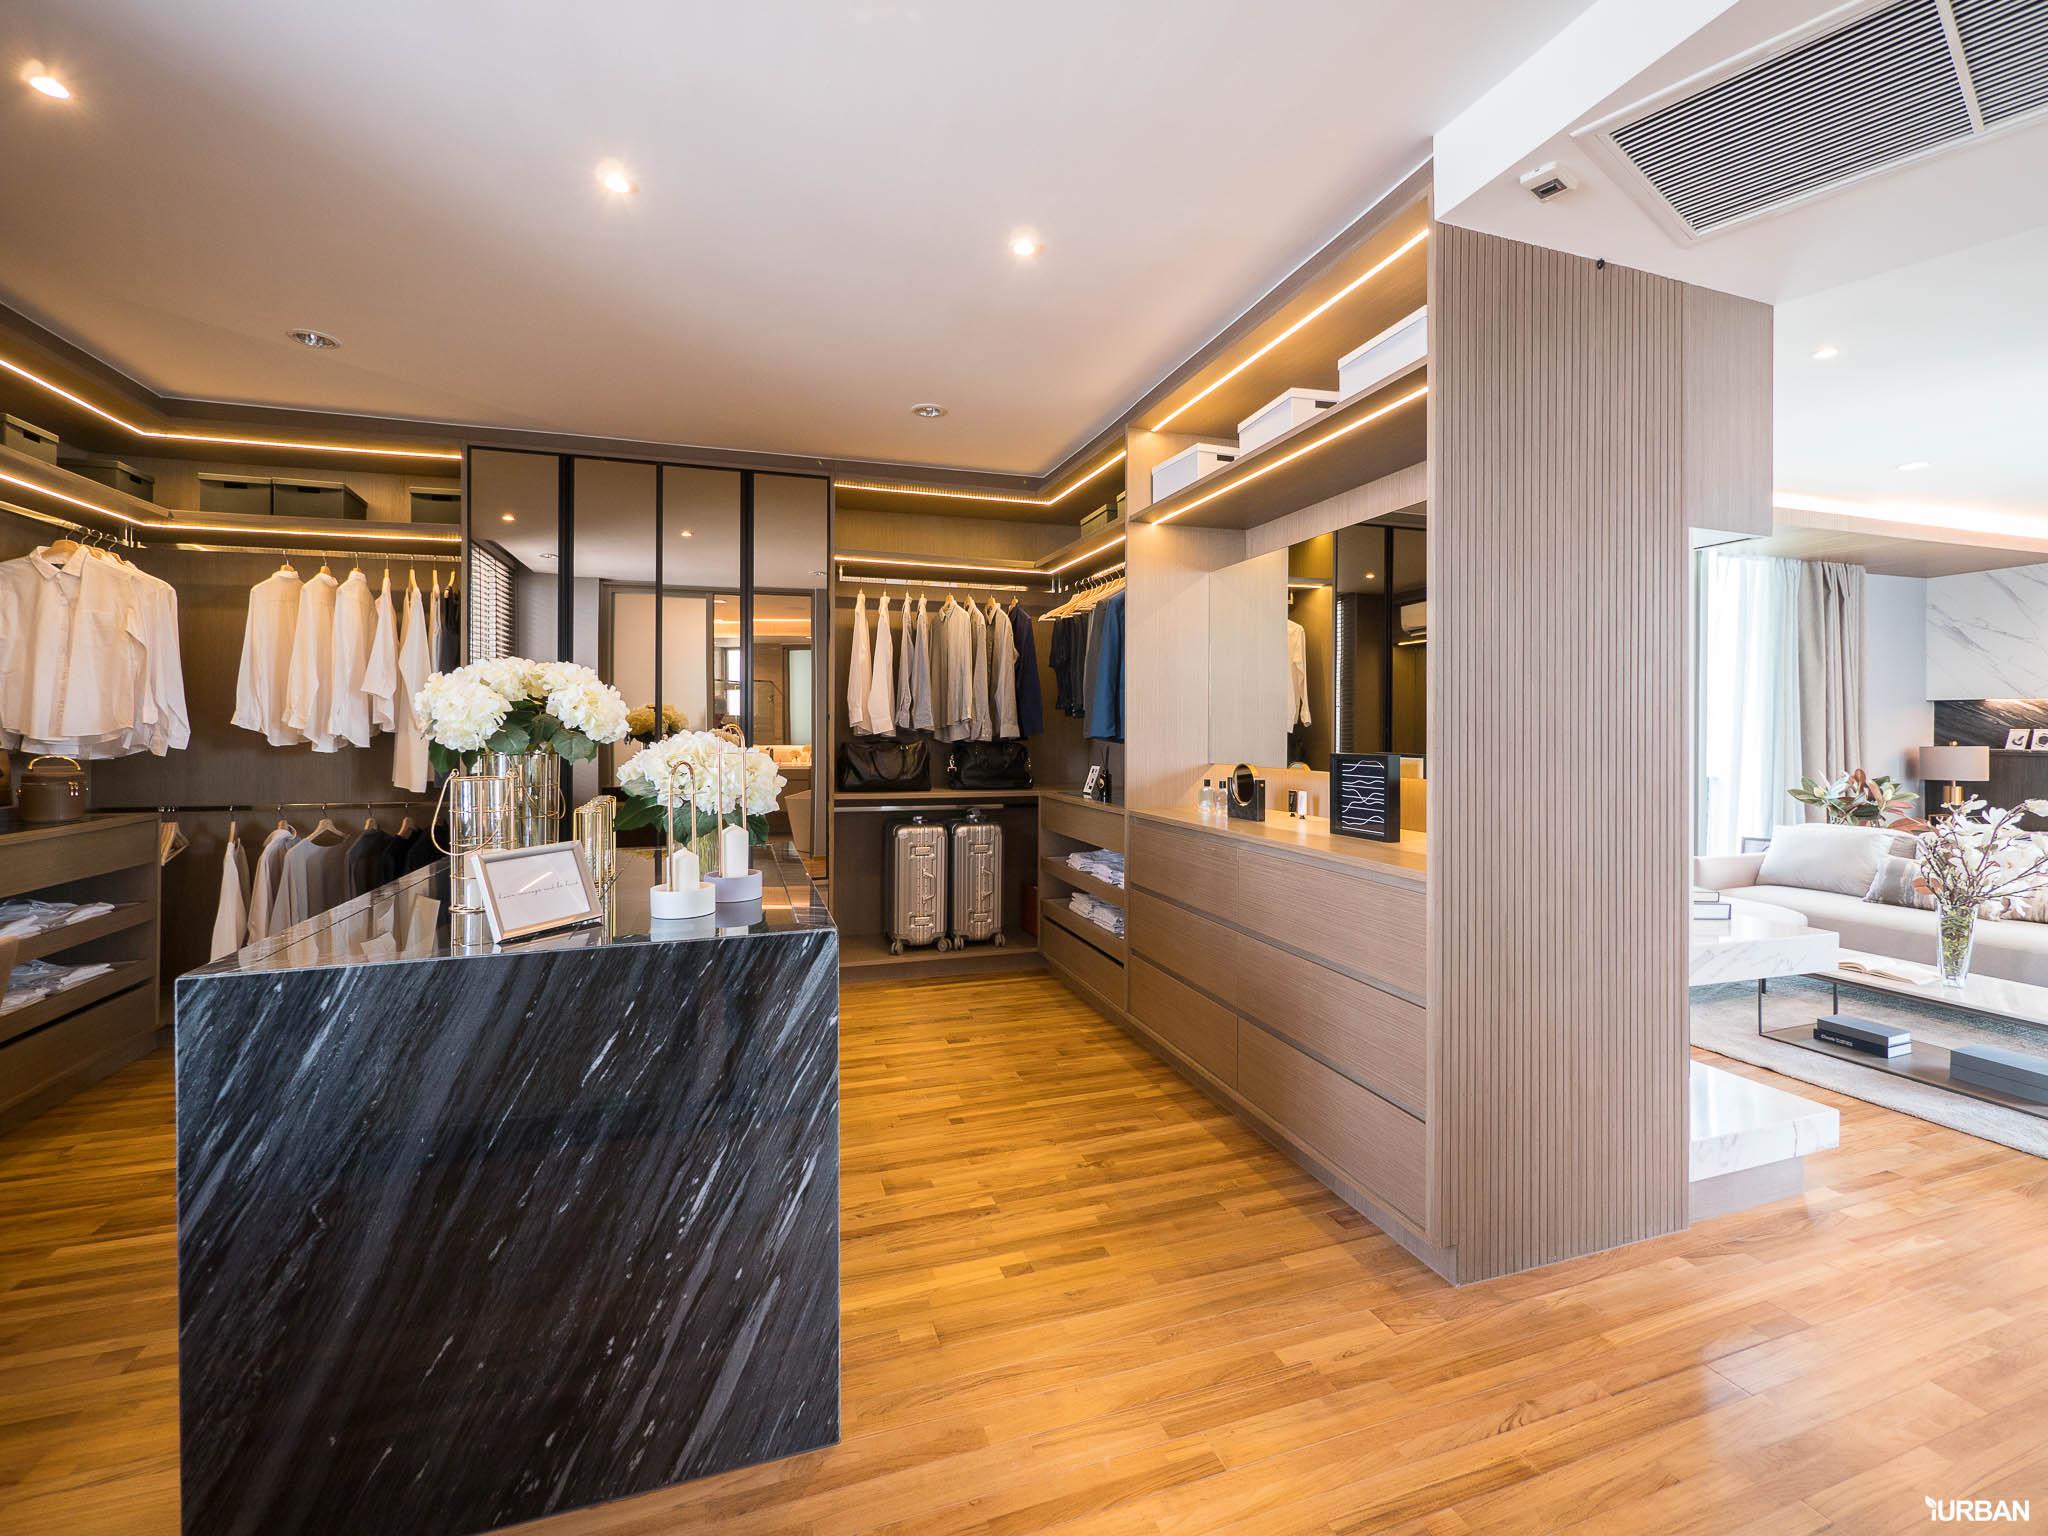 รีวิว Nirvana BEYOND Udonthani บ้านเดี่ยว 3 ชั้น ดีไซน์บิดสุดโมเดิร์น บนที่ดินสุดท้ายหน้าหนองประจักษ์ 66 - Luxury